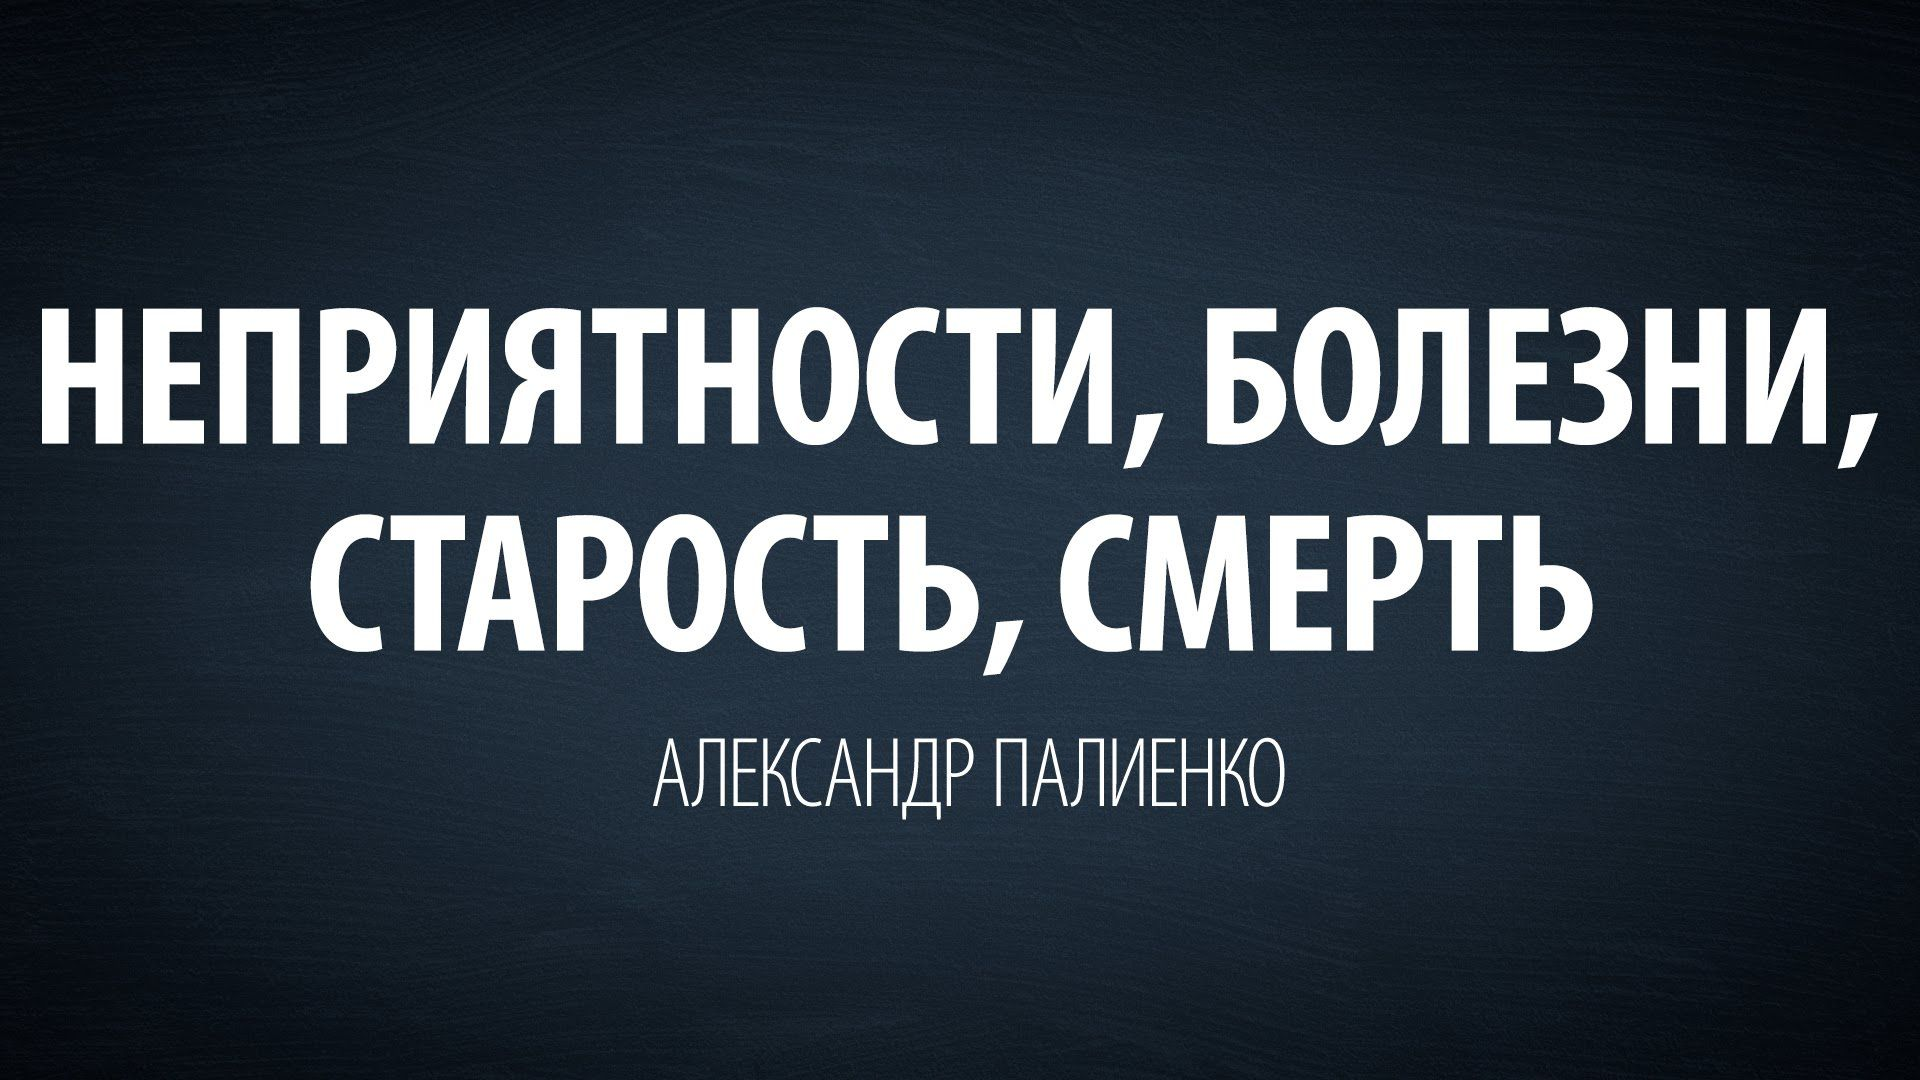 Книги александра палиенко скачать бесплатно